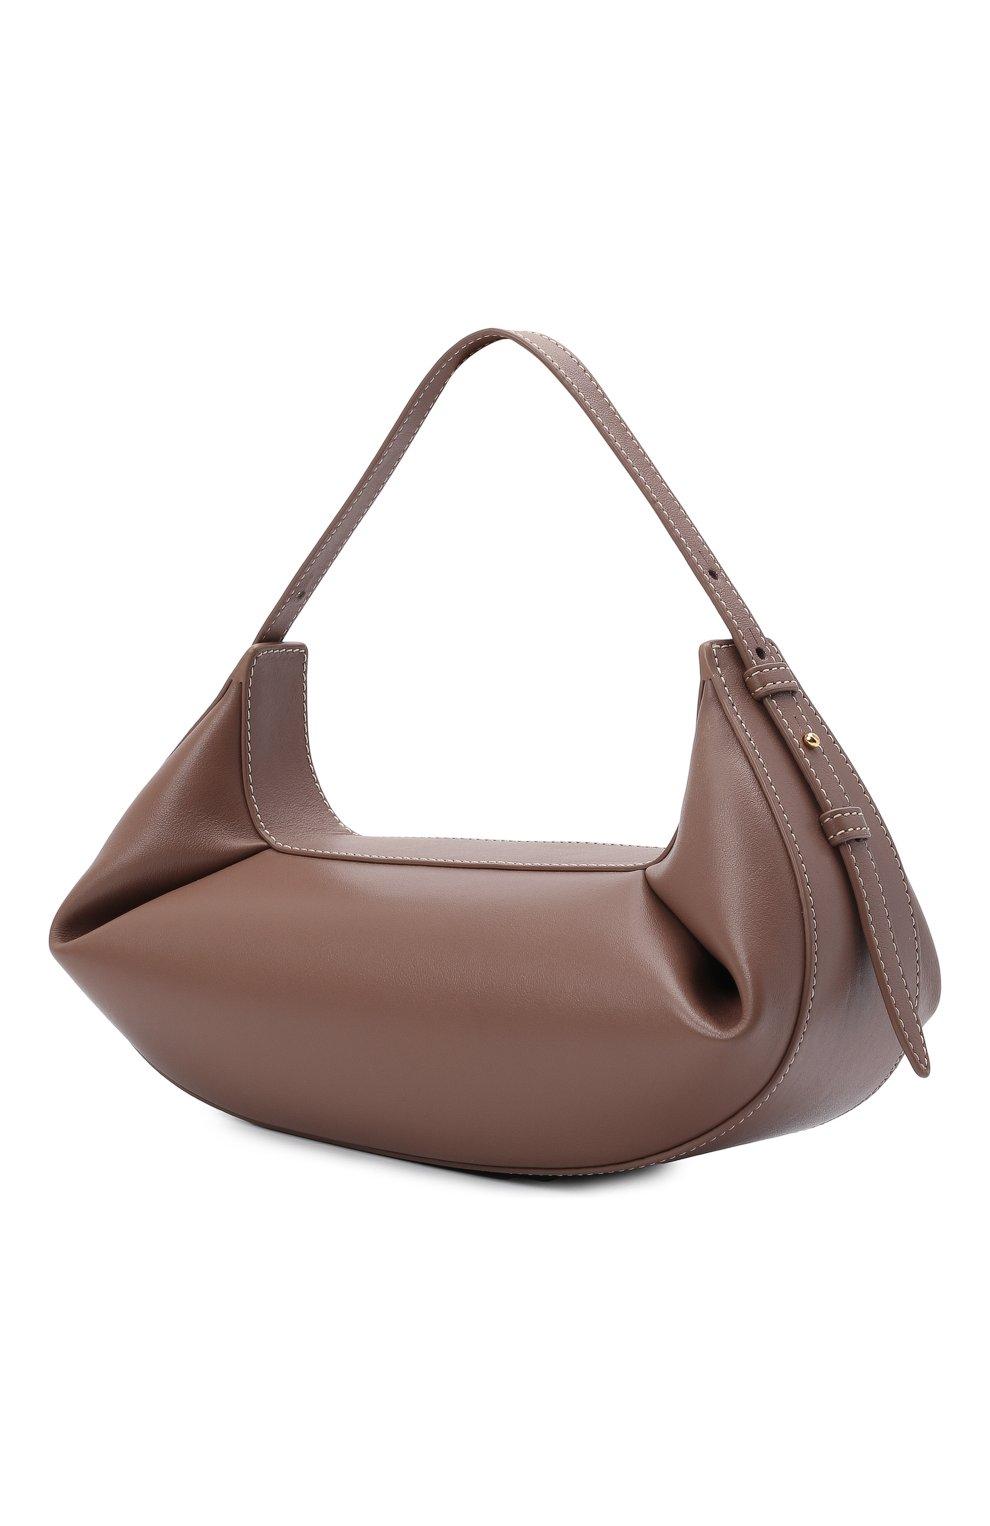 Женская сумка fortune cookie YUZEFI коричневого цвета, арт. YUZPF21-HB-FC-14 | Фото 3 (Сумки-технические: Сумки top-handle; Размер: medium; Материал: Натуральная кожа)